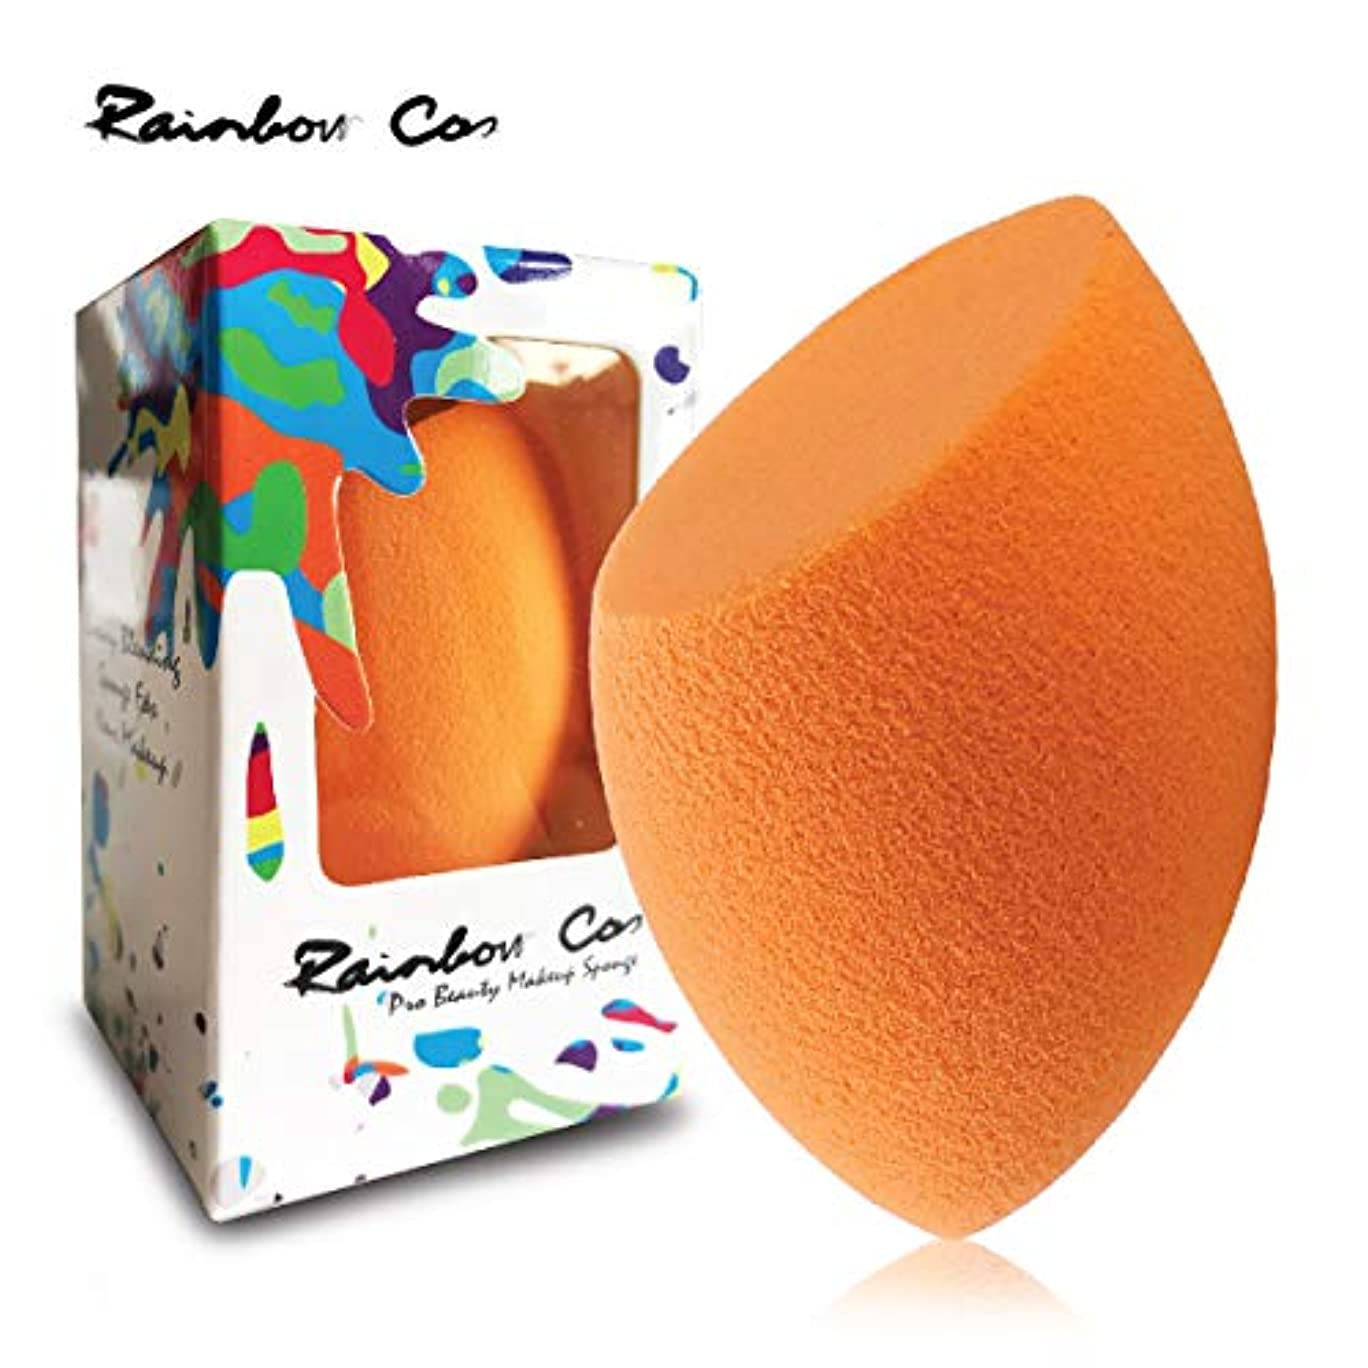 いつ金曜日履歴書Rainbow Cos Premium Flat Edge Olive Sponge Beauty Foundation Sponge Blender for Applicator, Foundation and Highlight...